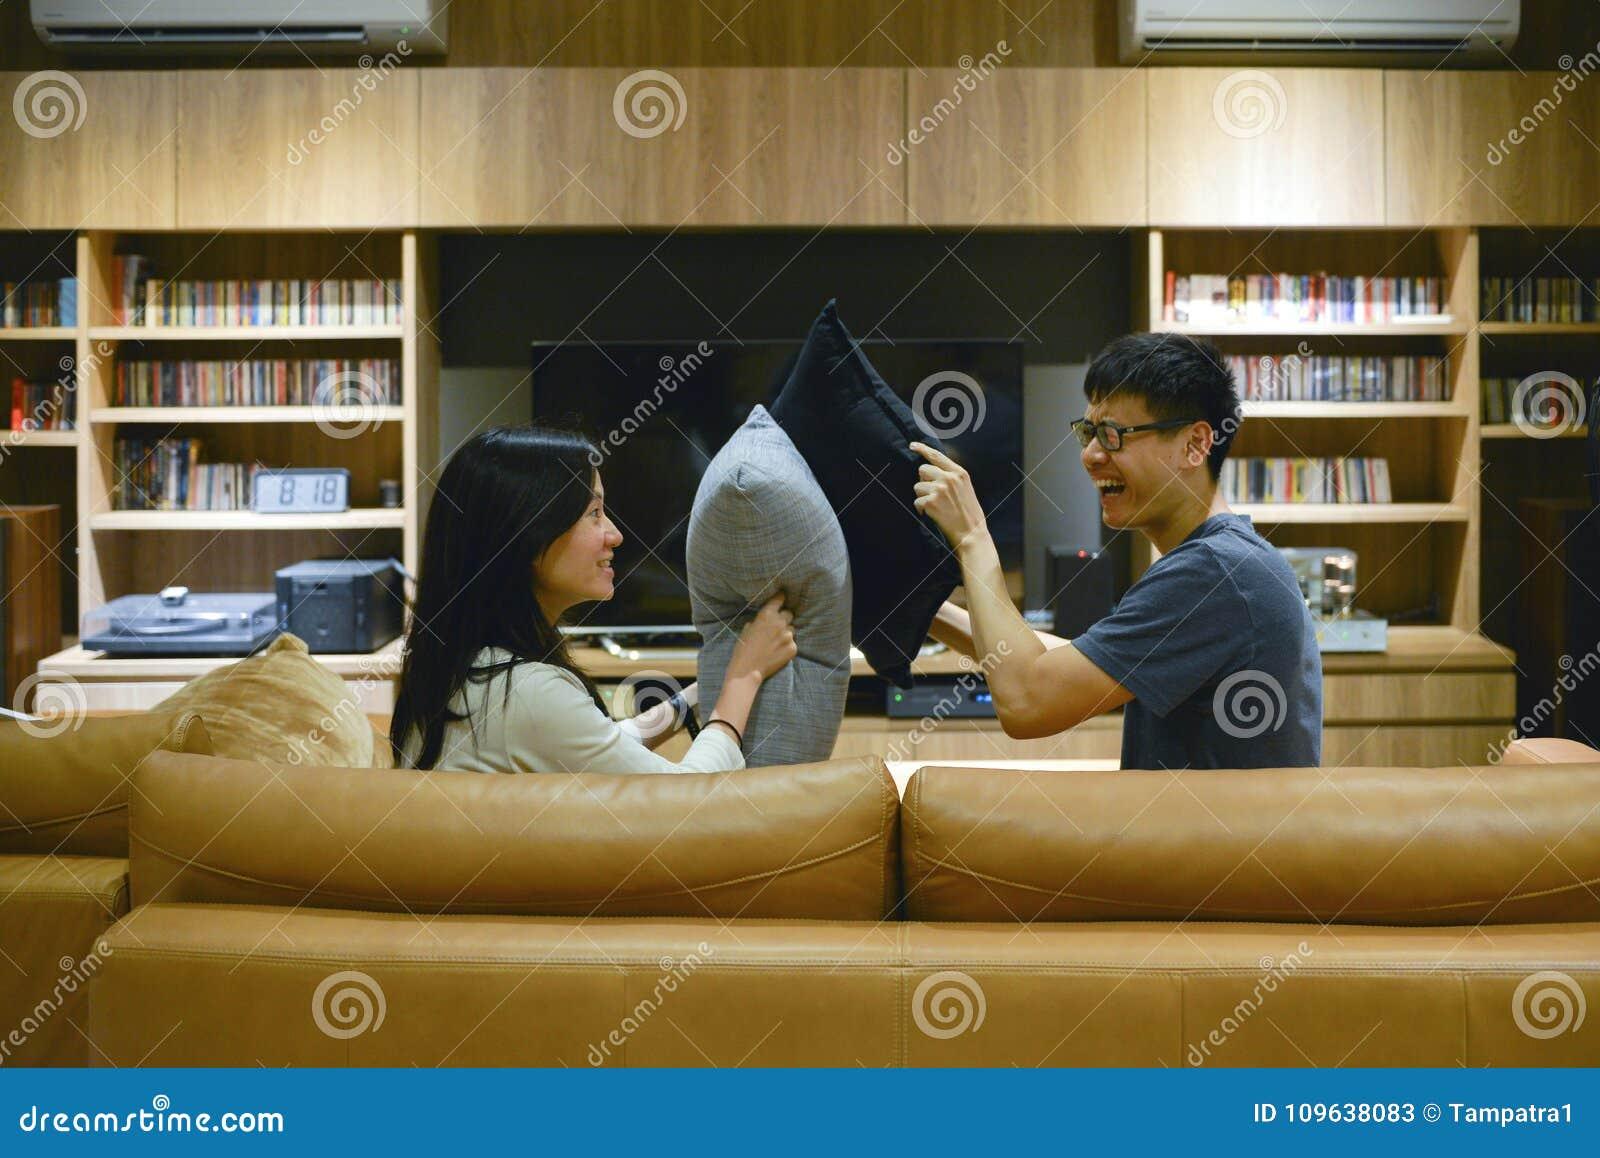 Glückliches Paar schlug sich mit Kissen im Wohnzimmer nachts